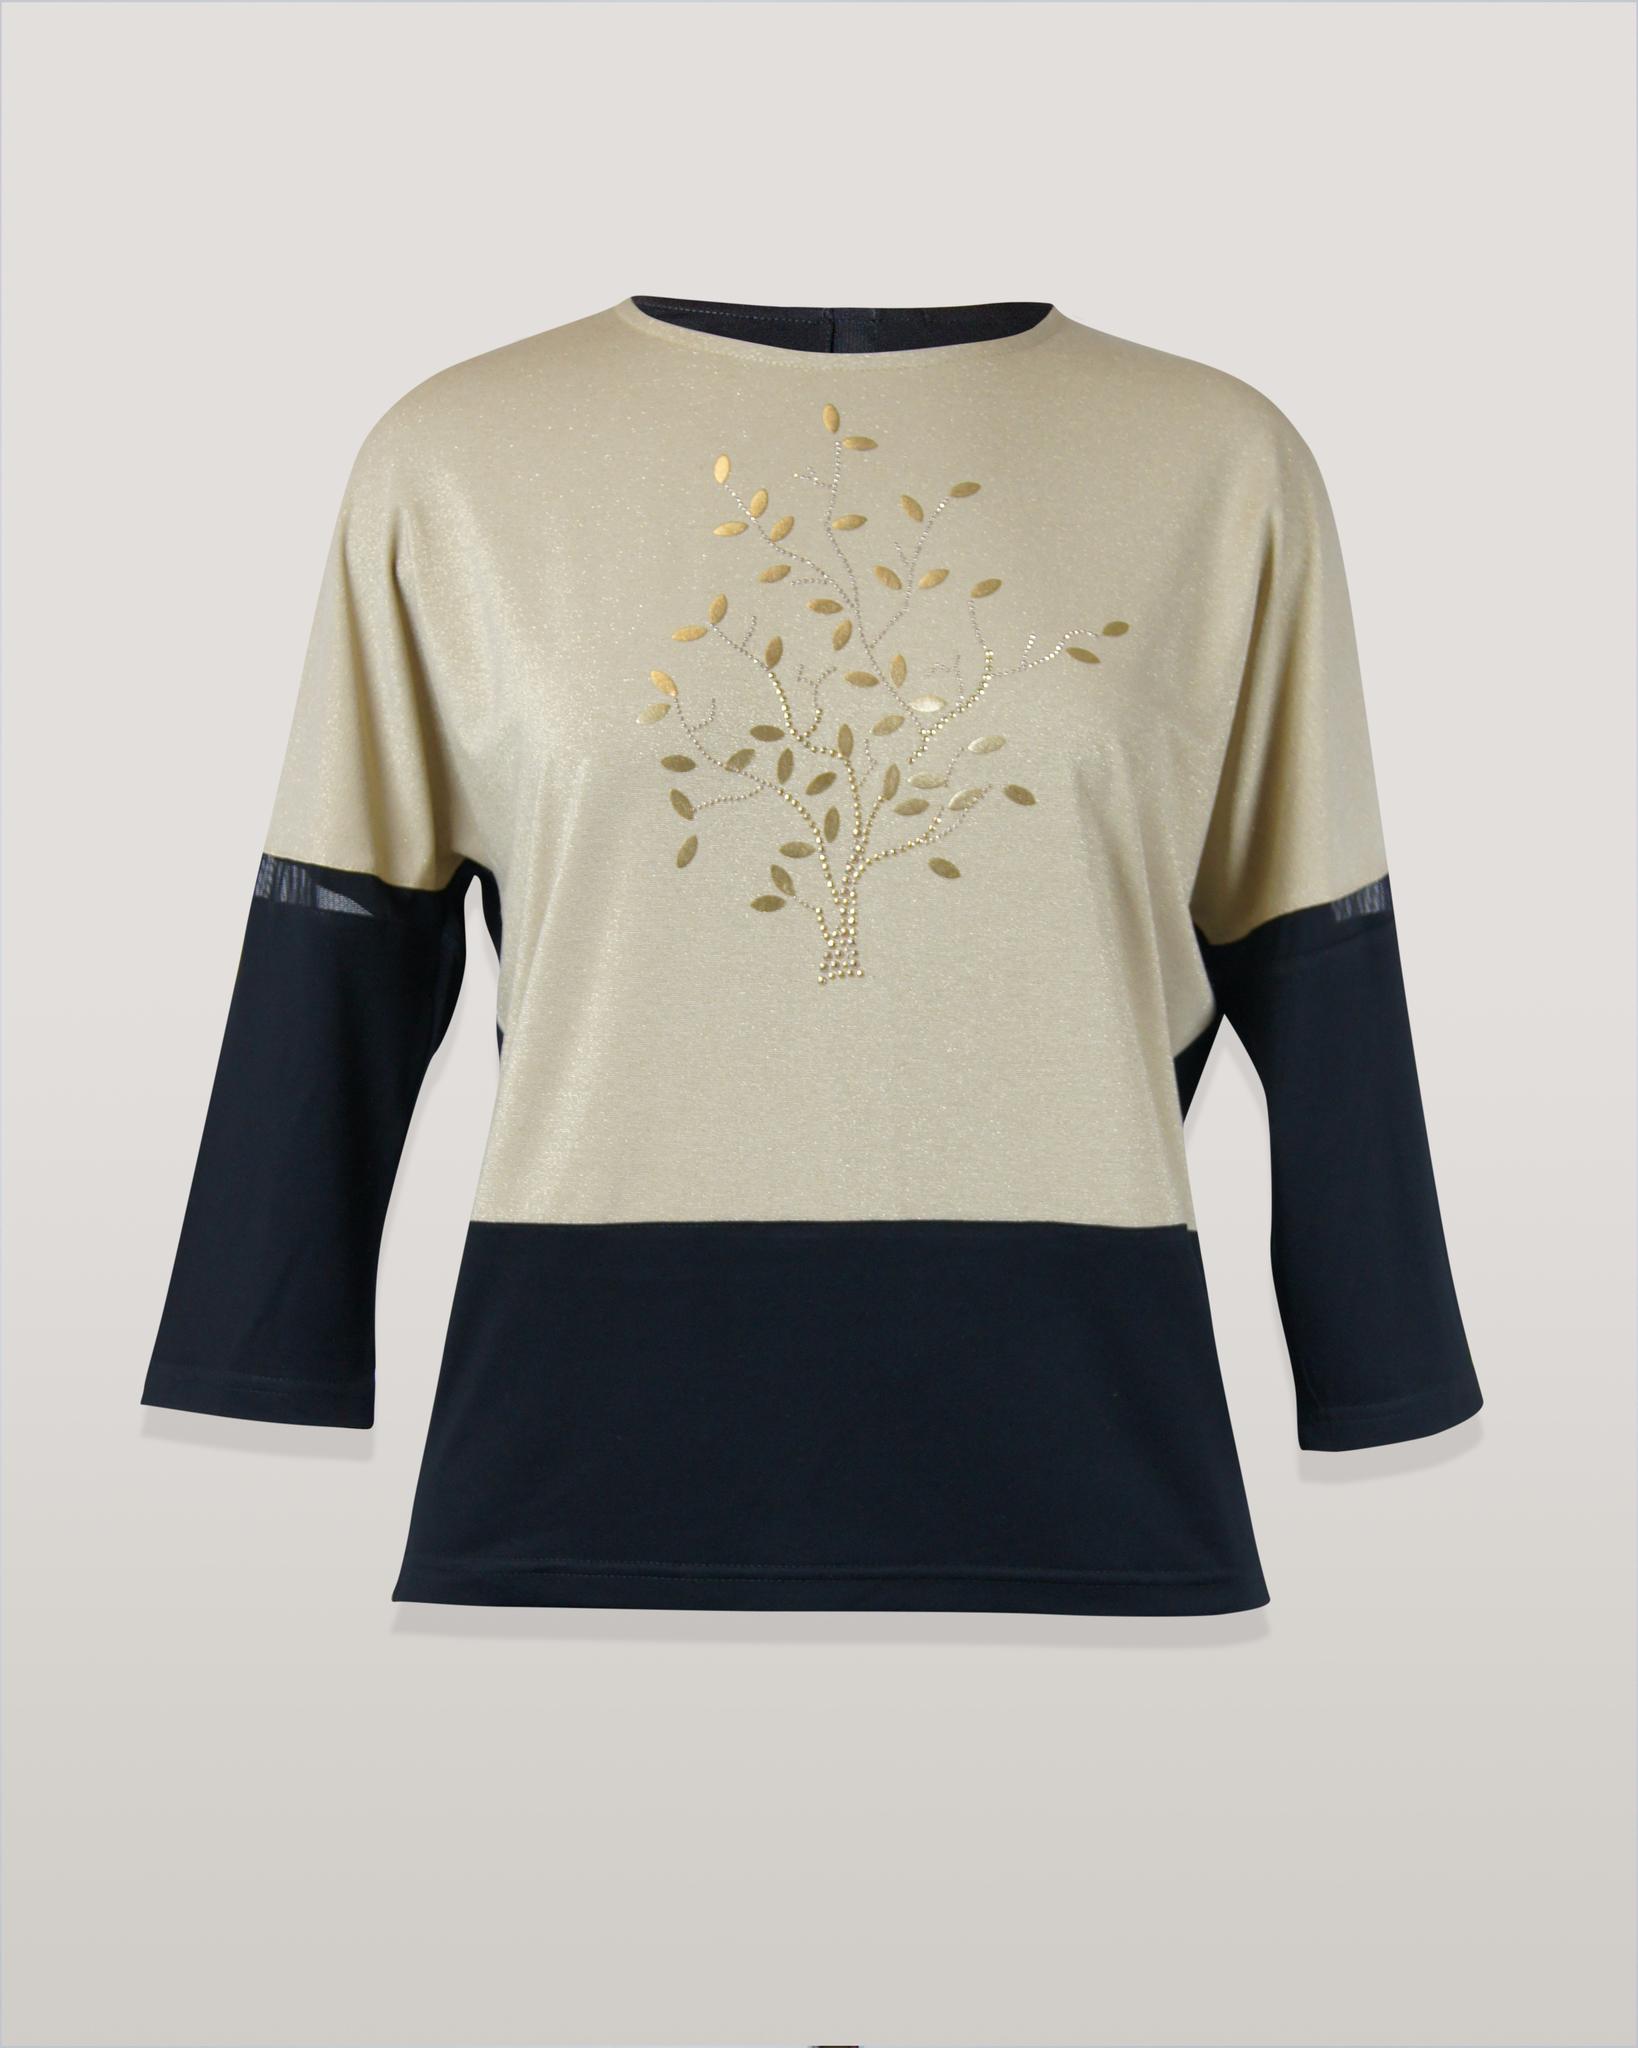 Блузка Per Mio 1478 дерево